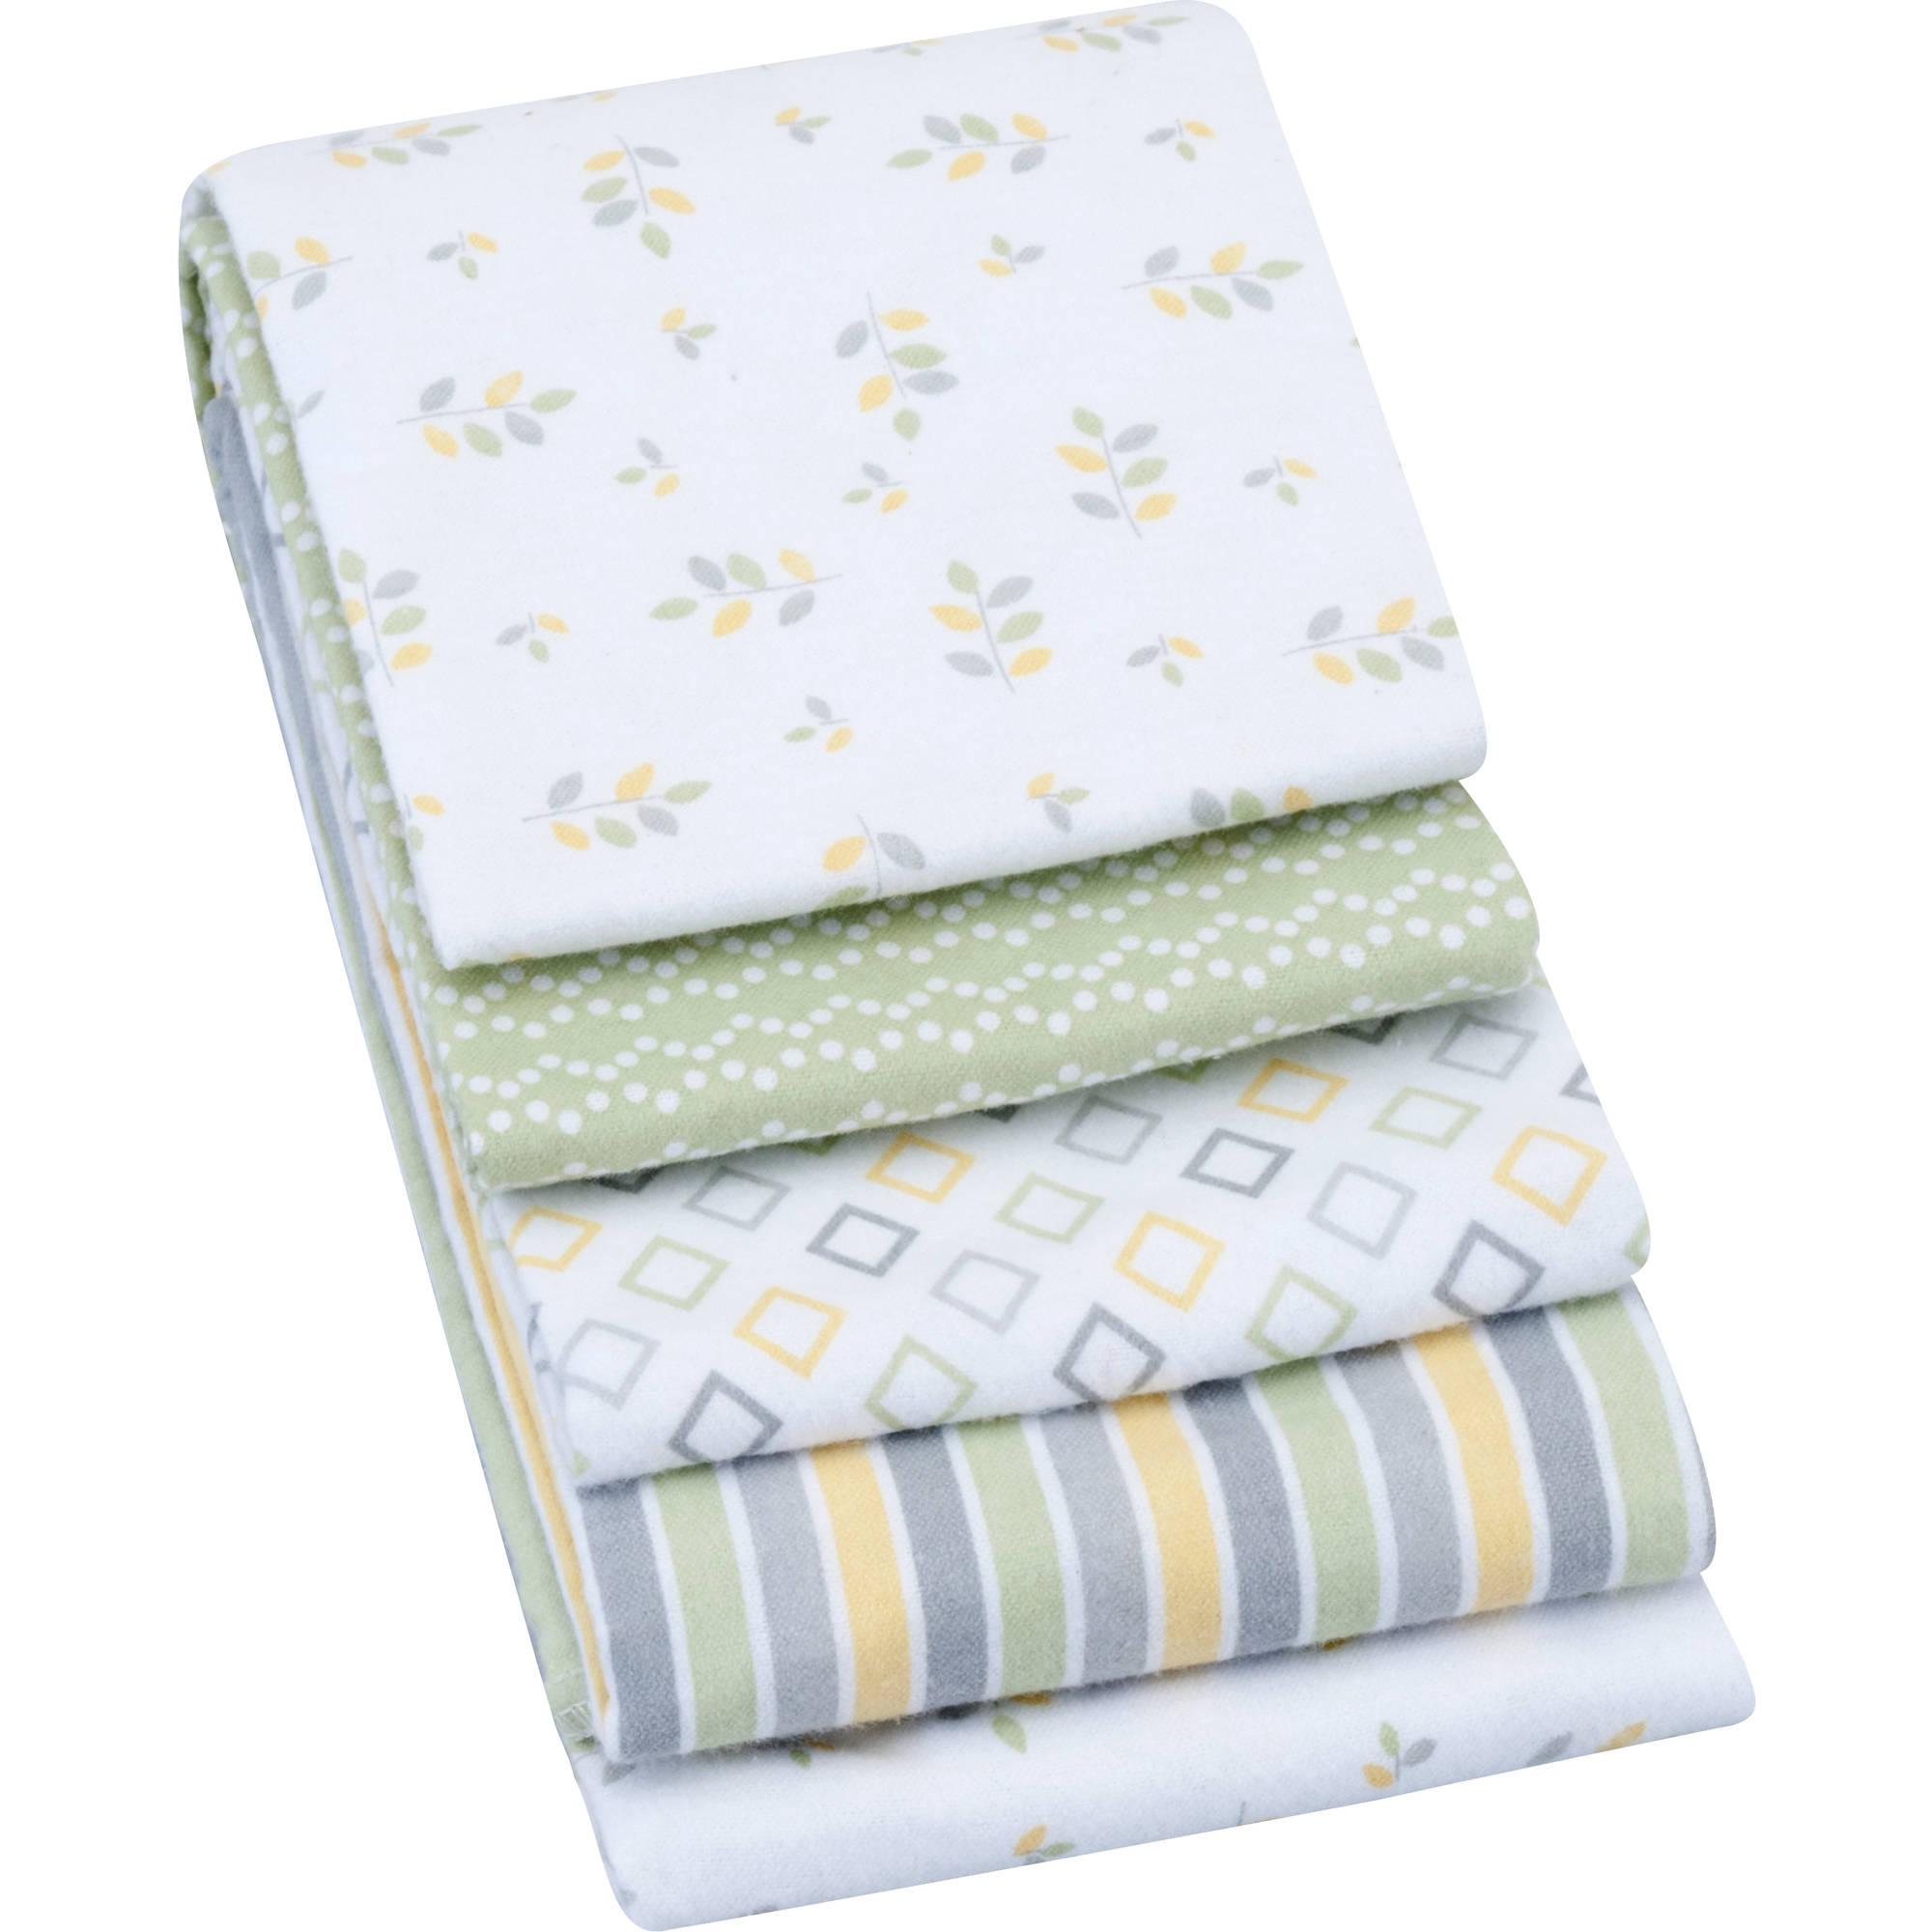 Garanimals Receiving Blanket, 4-Pack, Gray